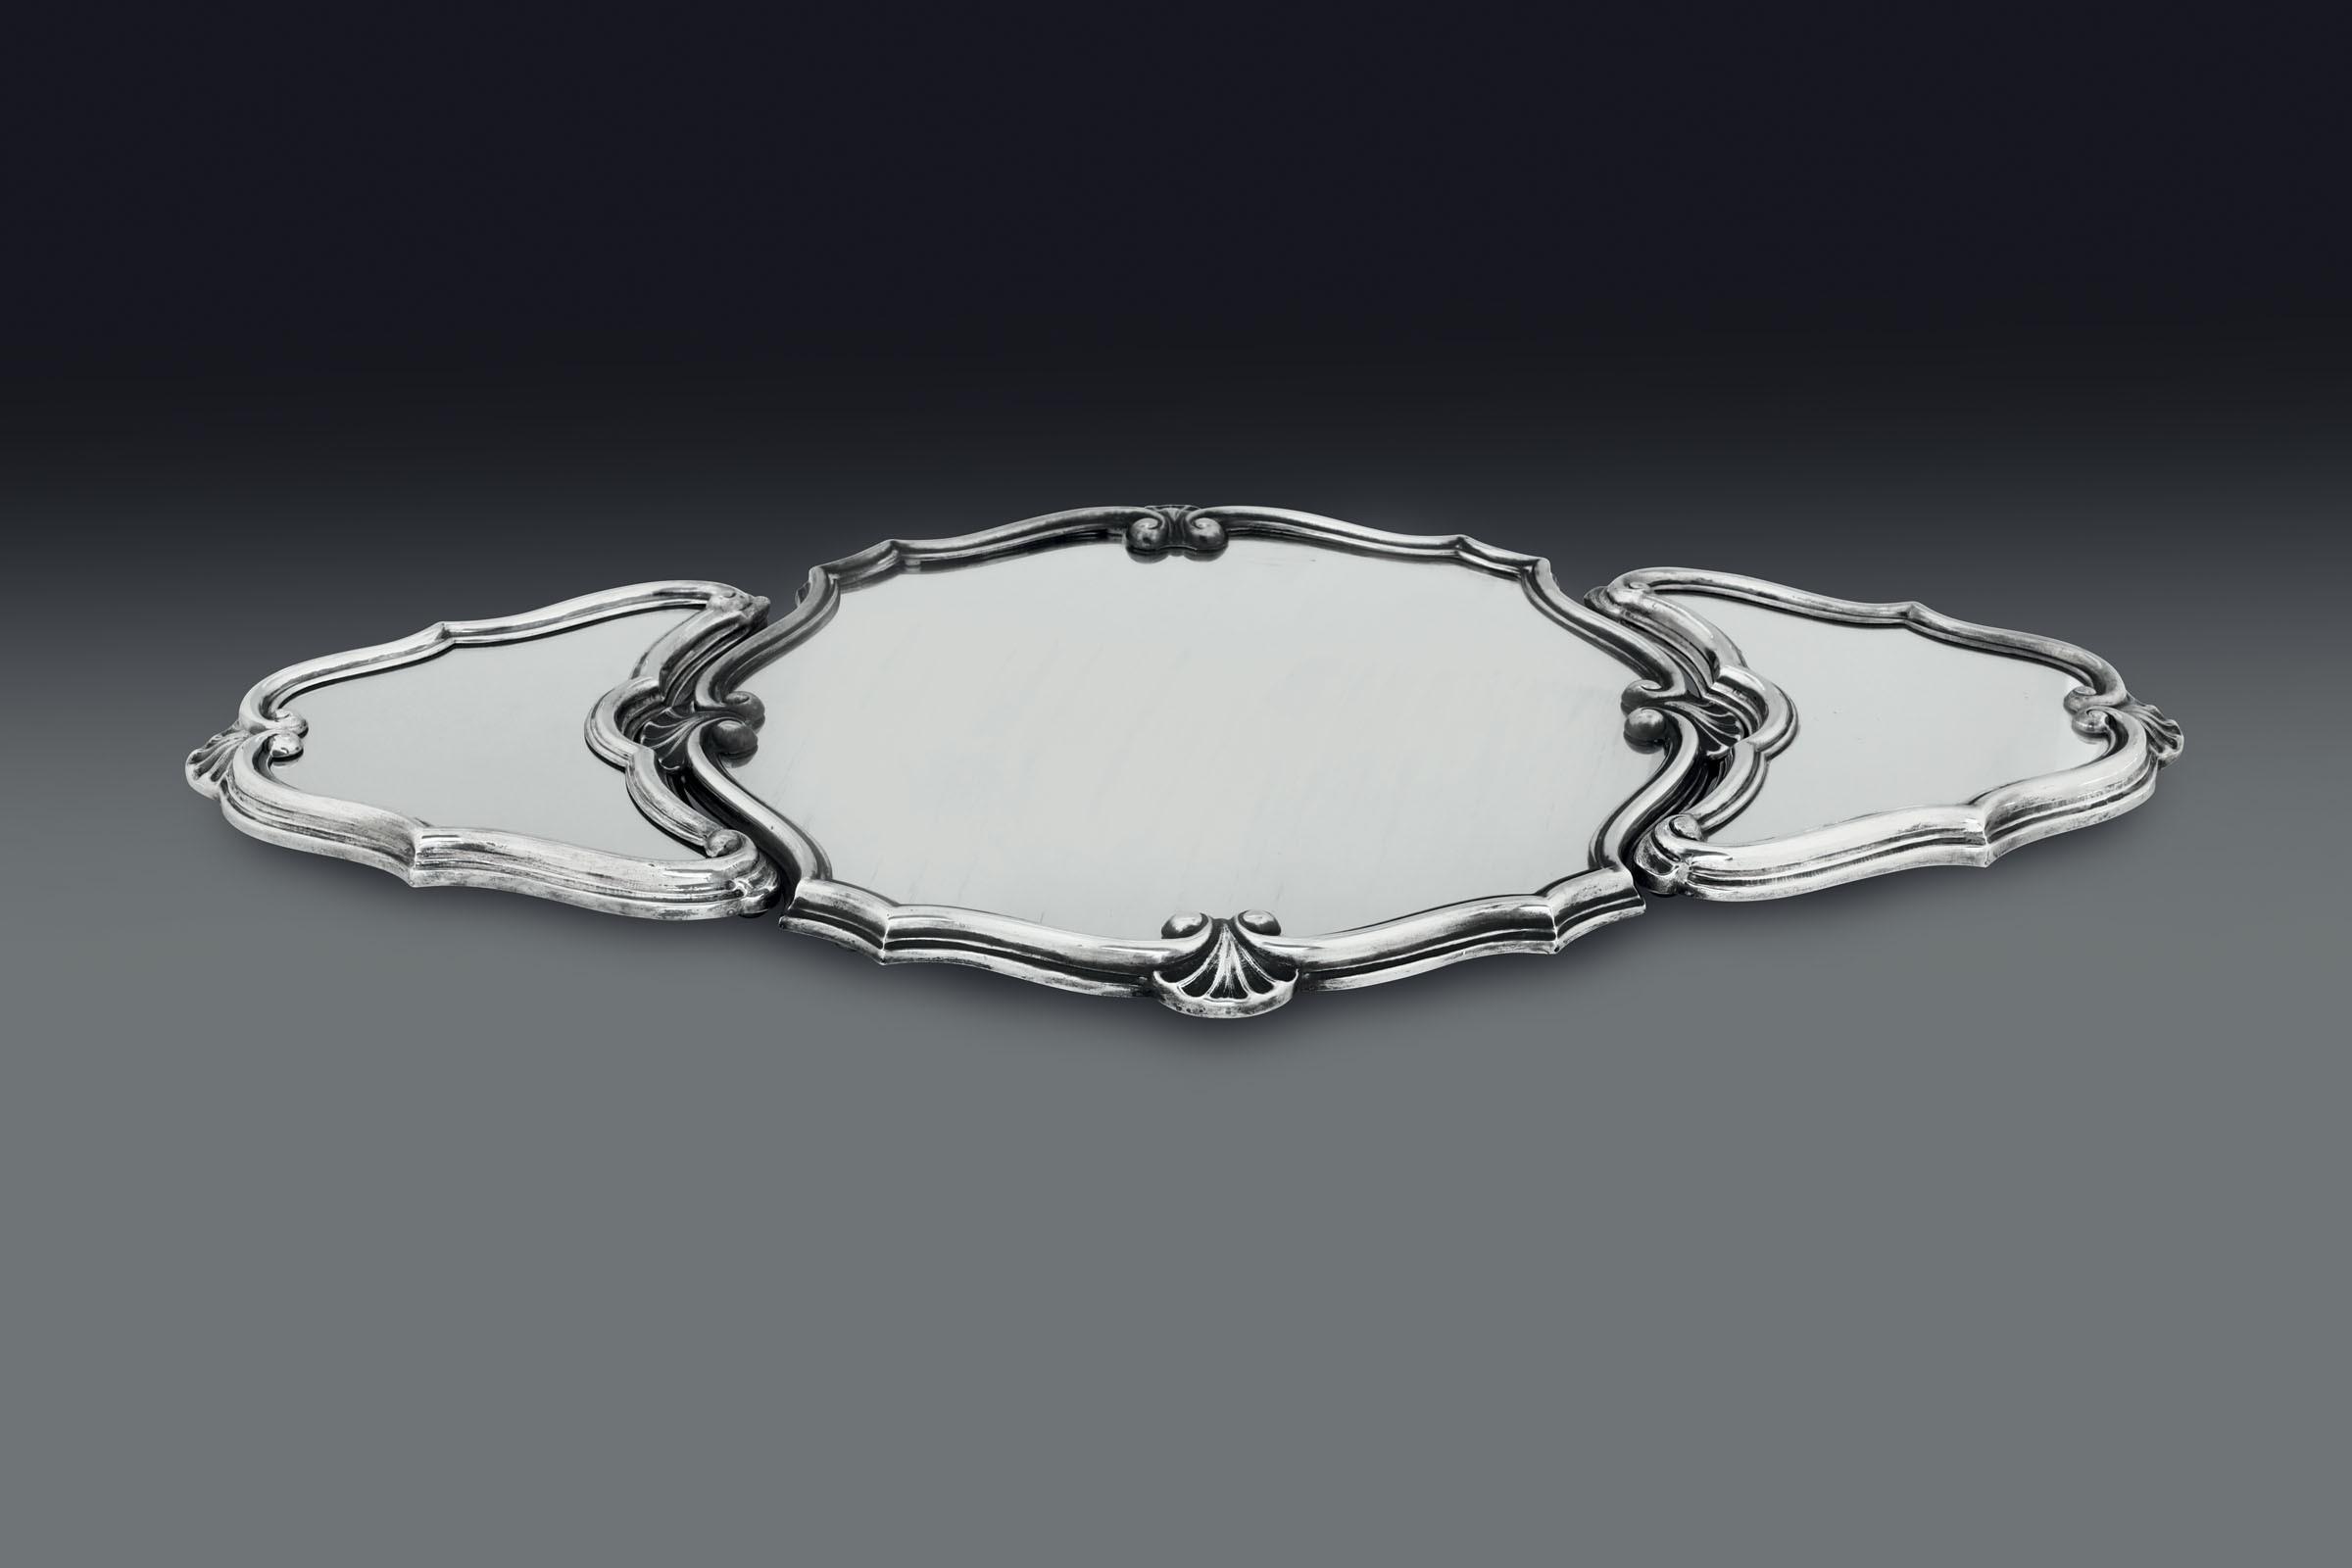 Lot 43 - Centrotavola in argento e specchi. Argenteria artistica italiana del XX secolo. [...]